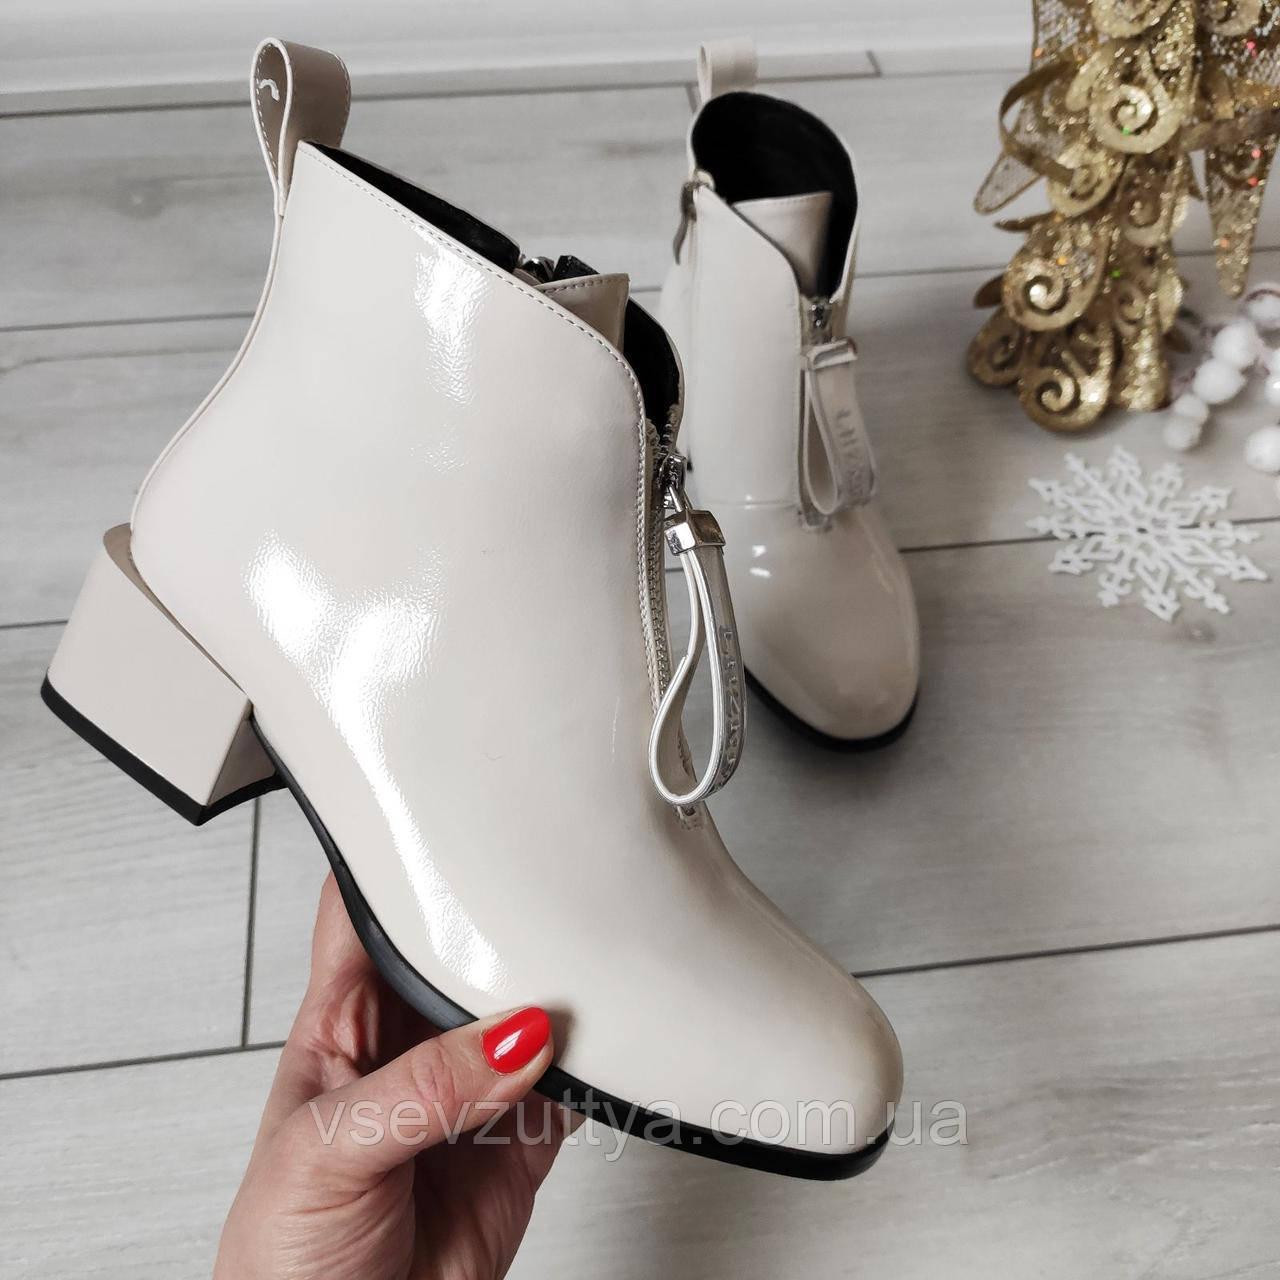 Ботинки женские демисезонные бежевые на каблуке лаковые экокожа